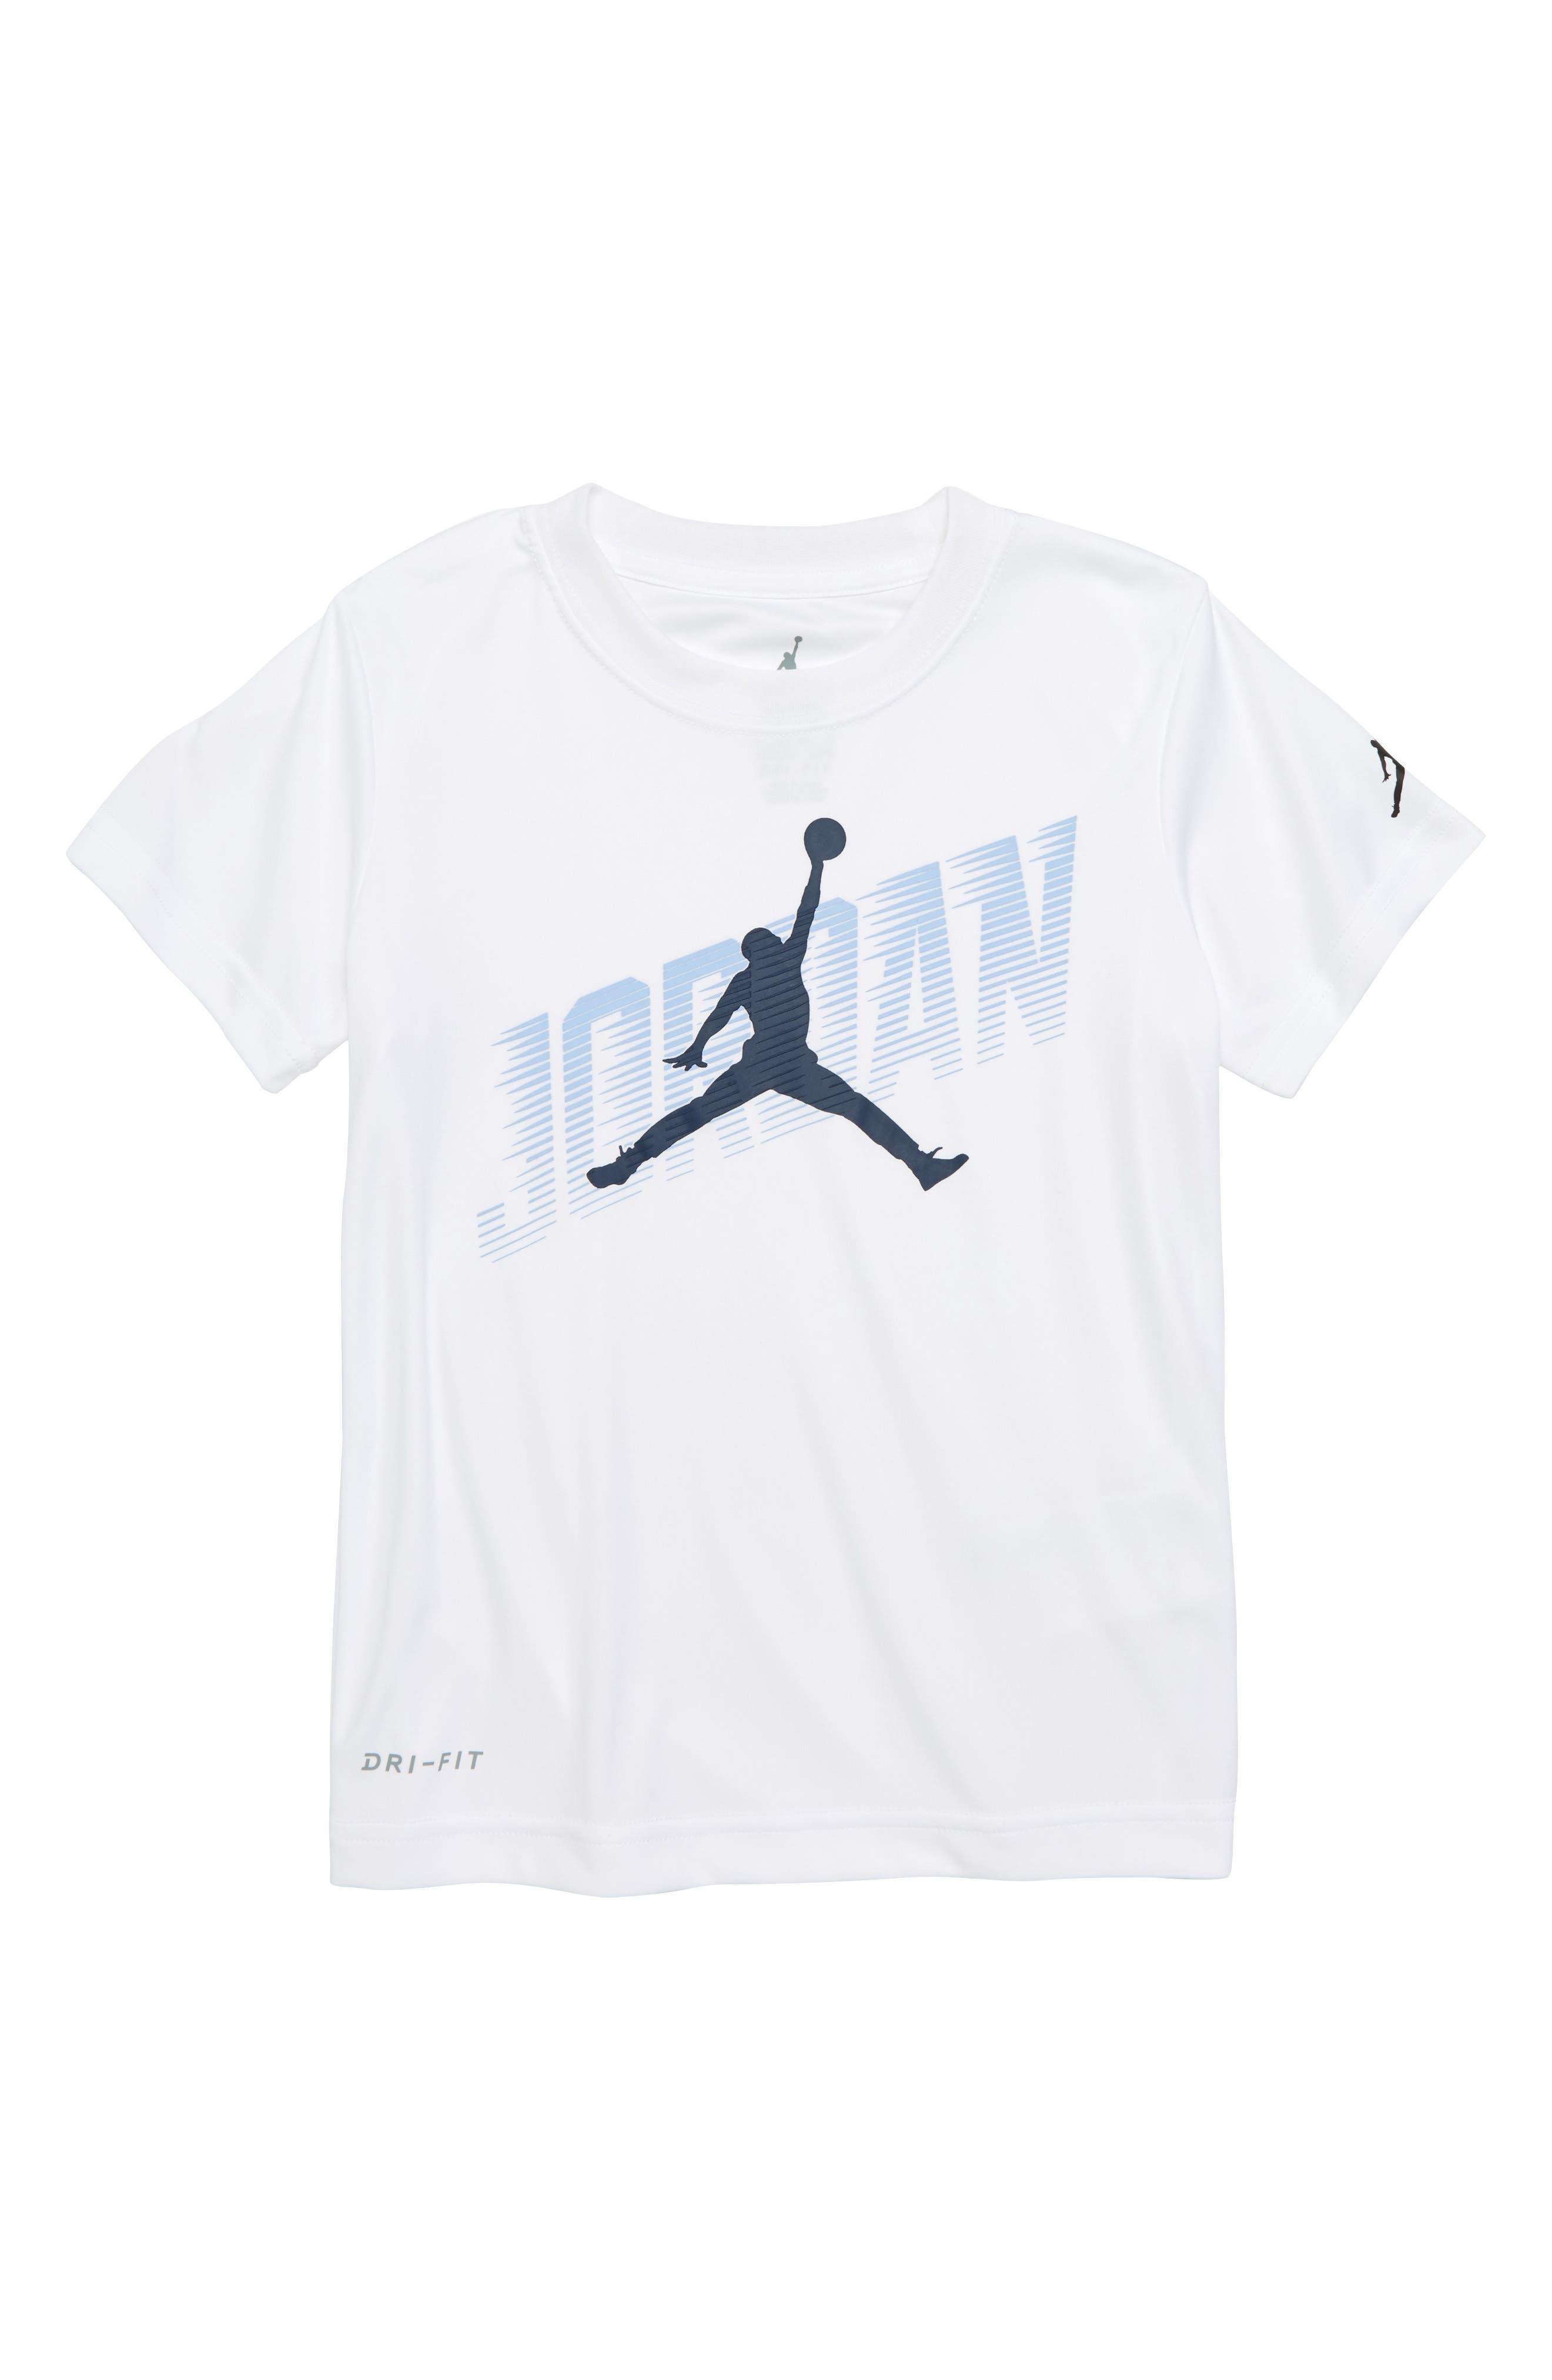 Quick Flight Dri-FIT T-Shirt,                         Main,                         color, White